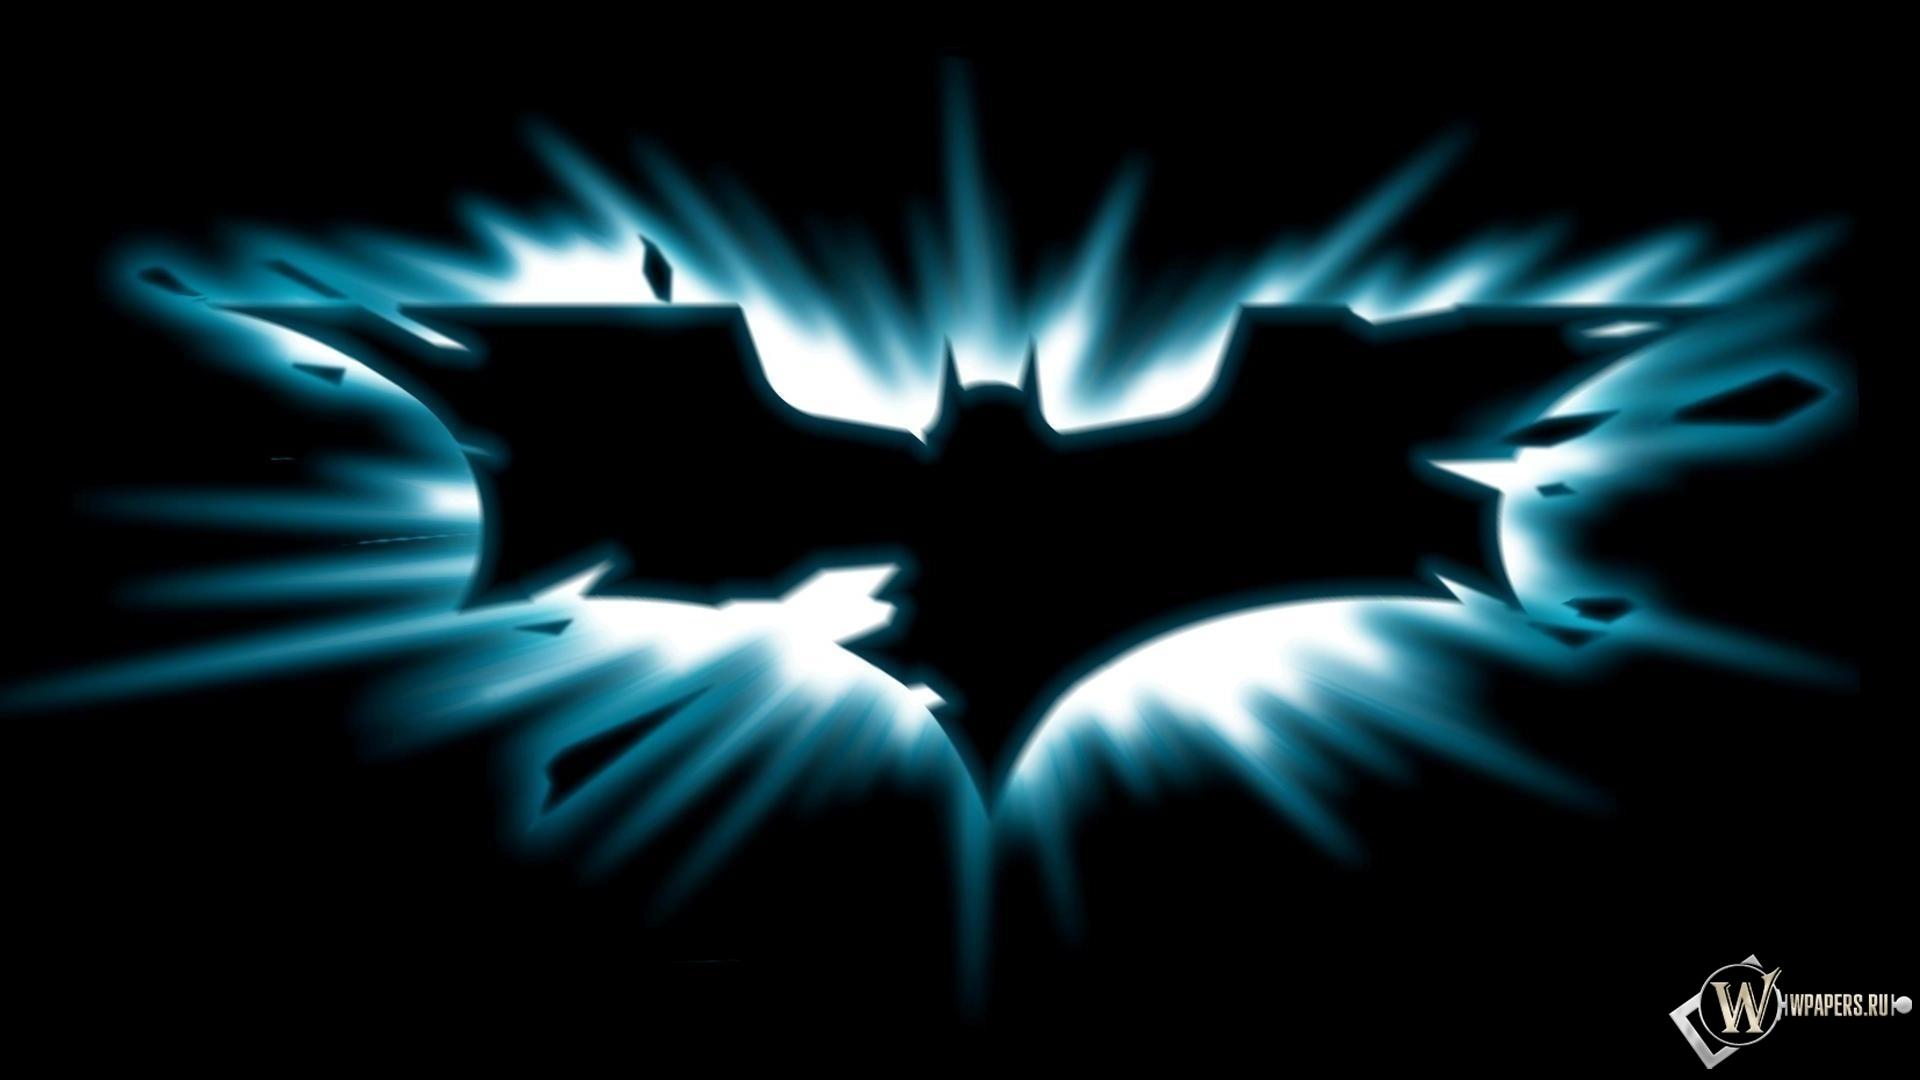 Обои batman на рабочий стол с разрешением